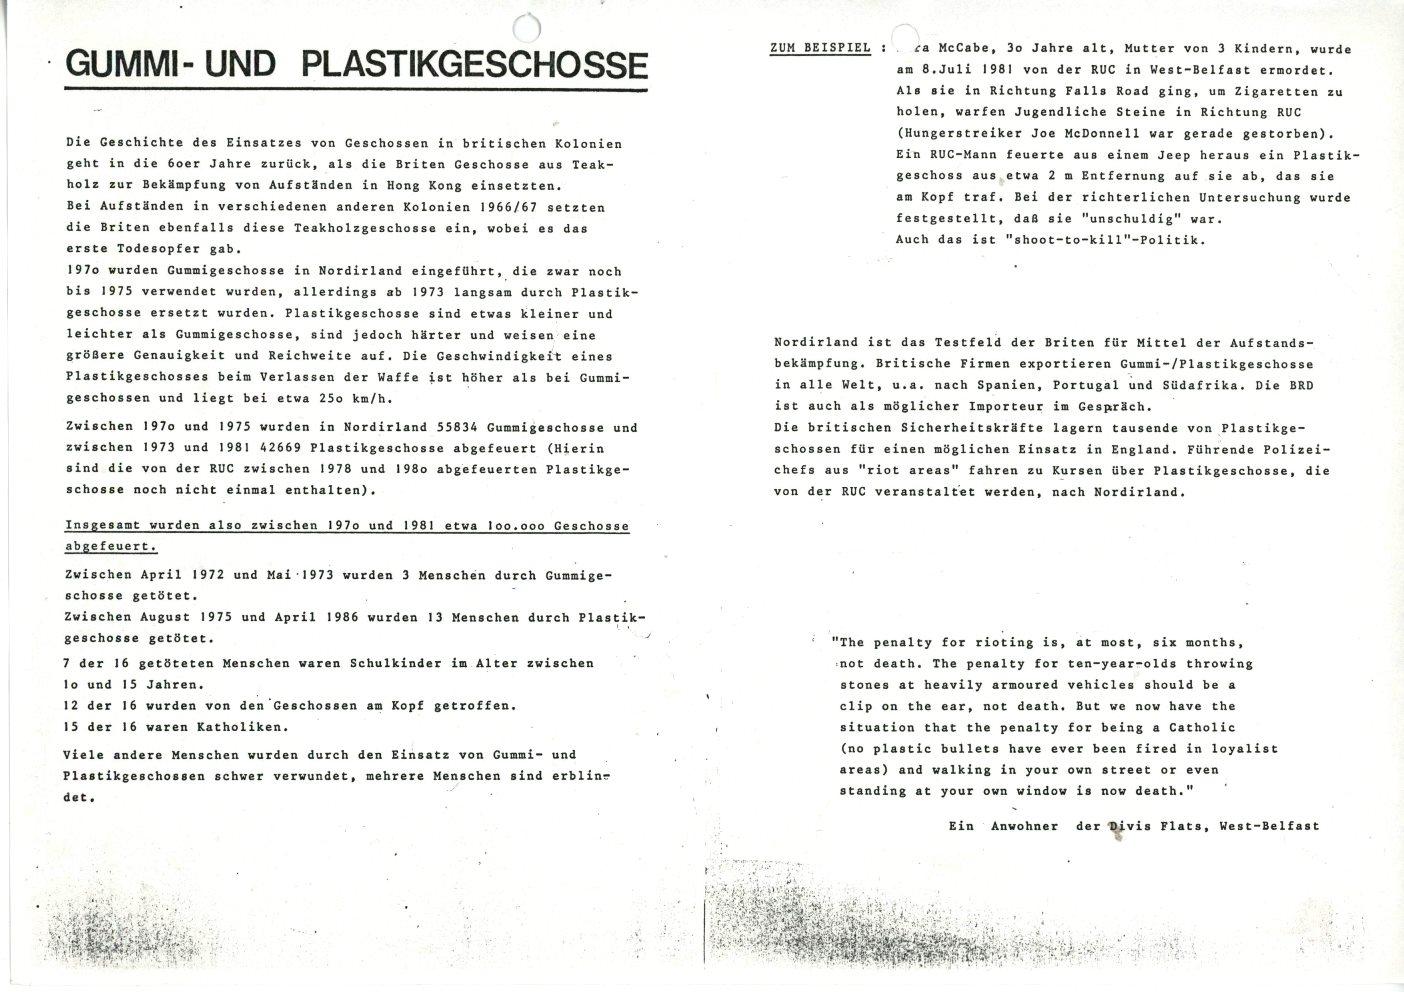 Freiburg_Nordirland_Reader_1988_25